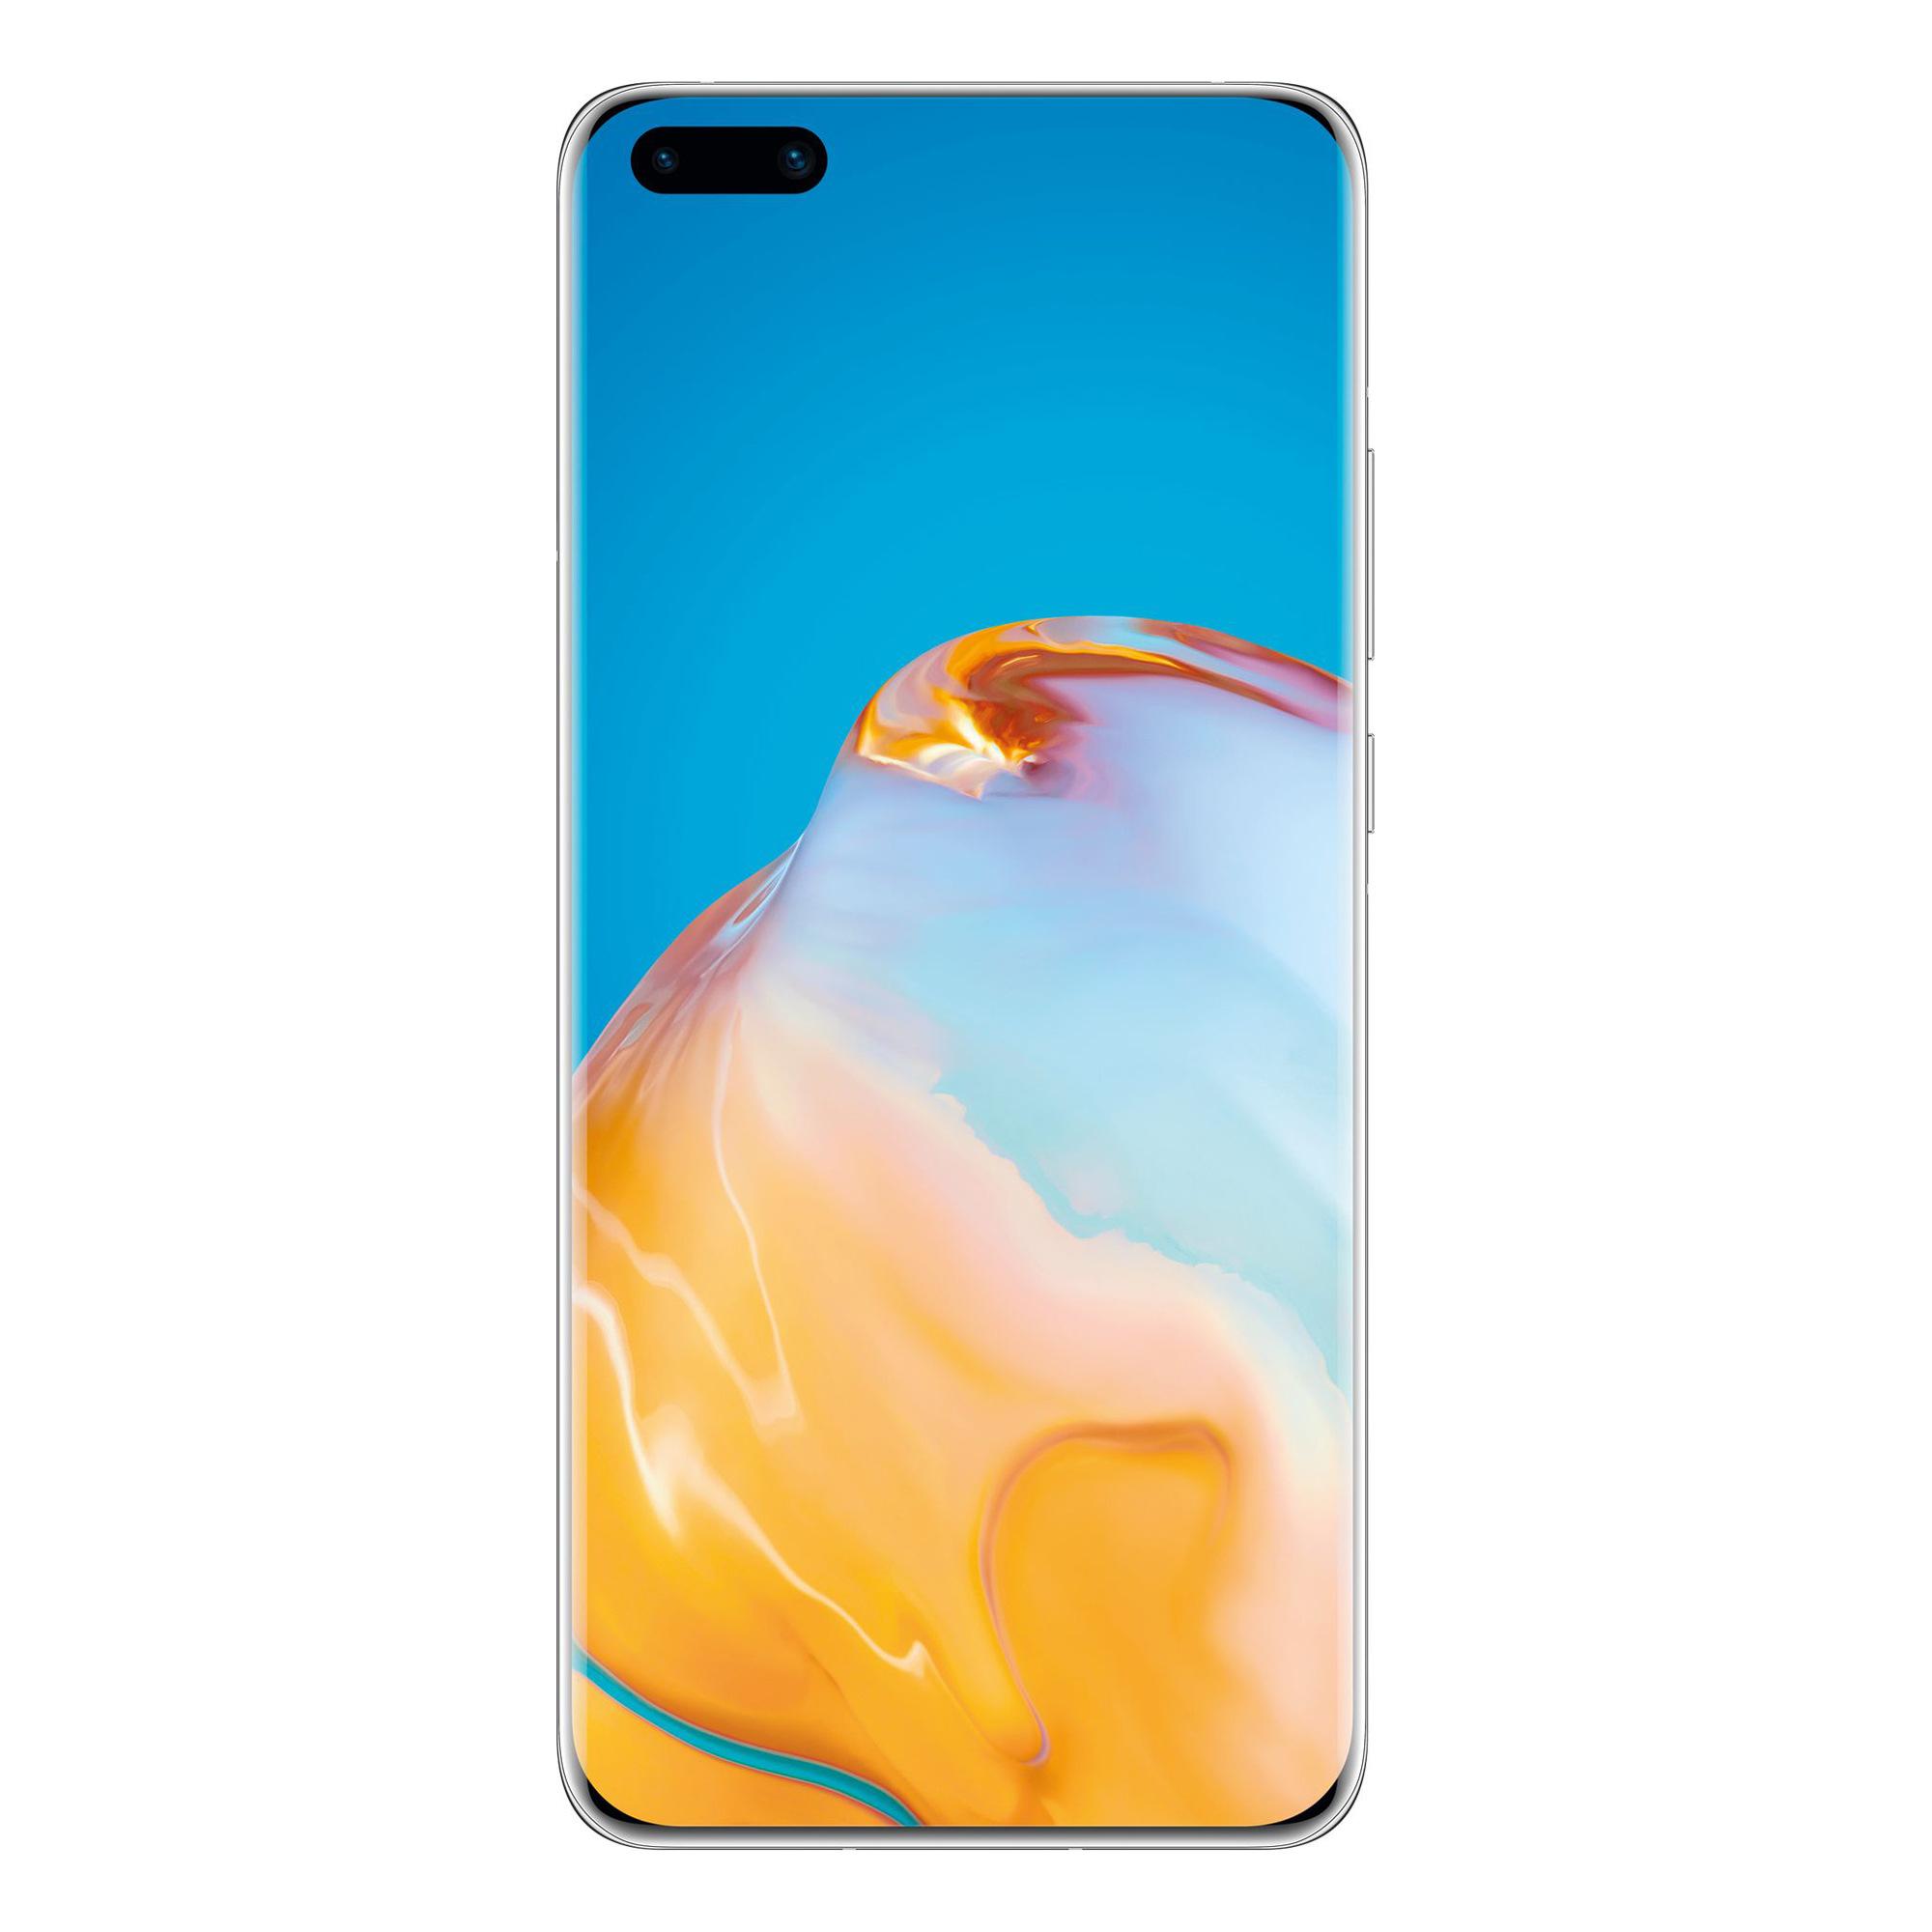 """Smartphone 6.58"""" Huawei P40 Pro - 5G, 8 Go RAM, 256 Go, Sans services Google, divers coloris"""